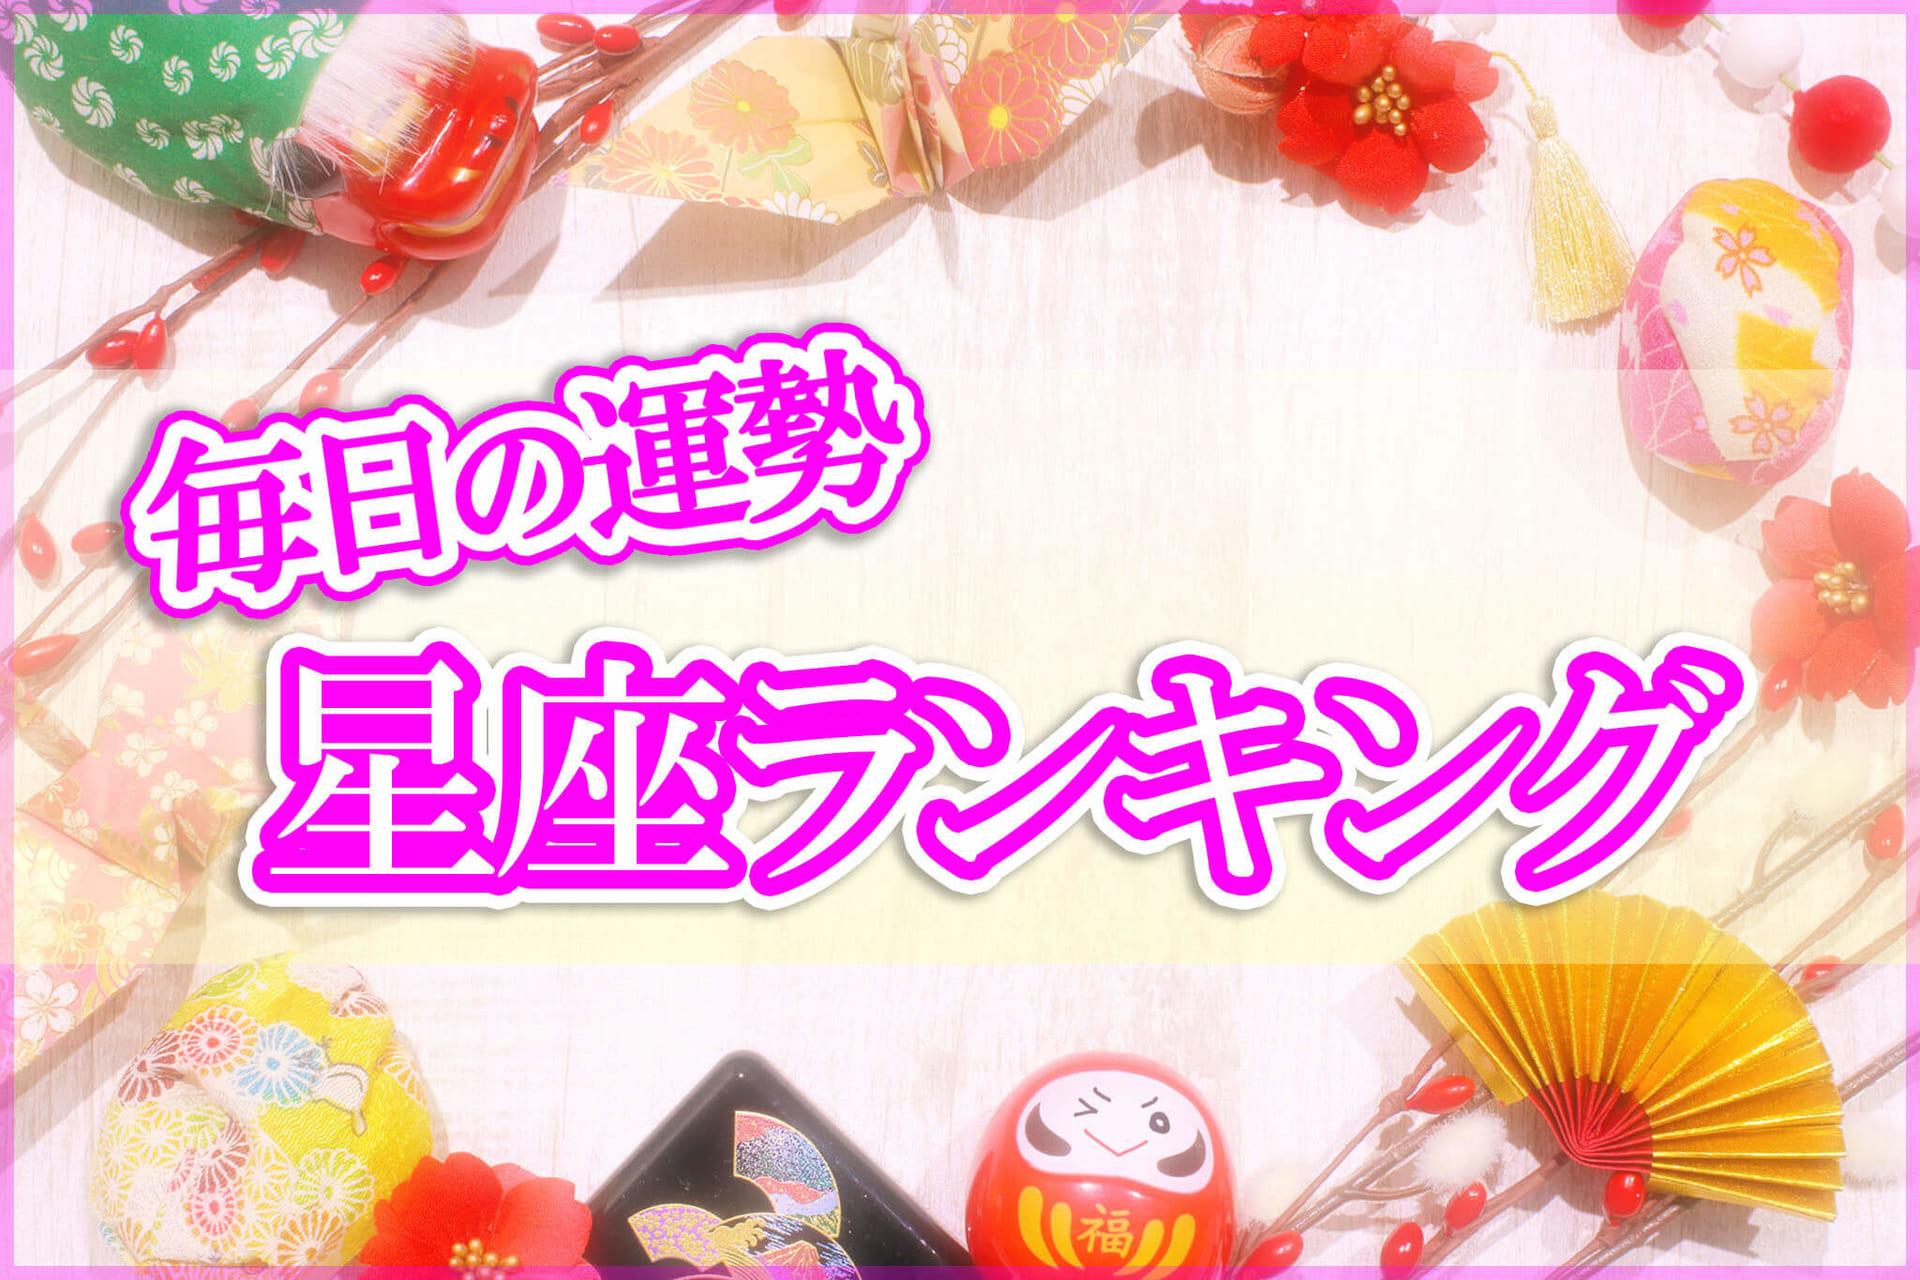 【今日の運勢】12星座ランキング♡アーネラ・ミキの毎日占い*2021年1月13日